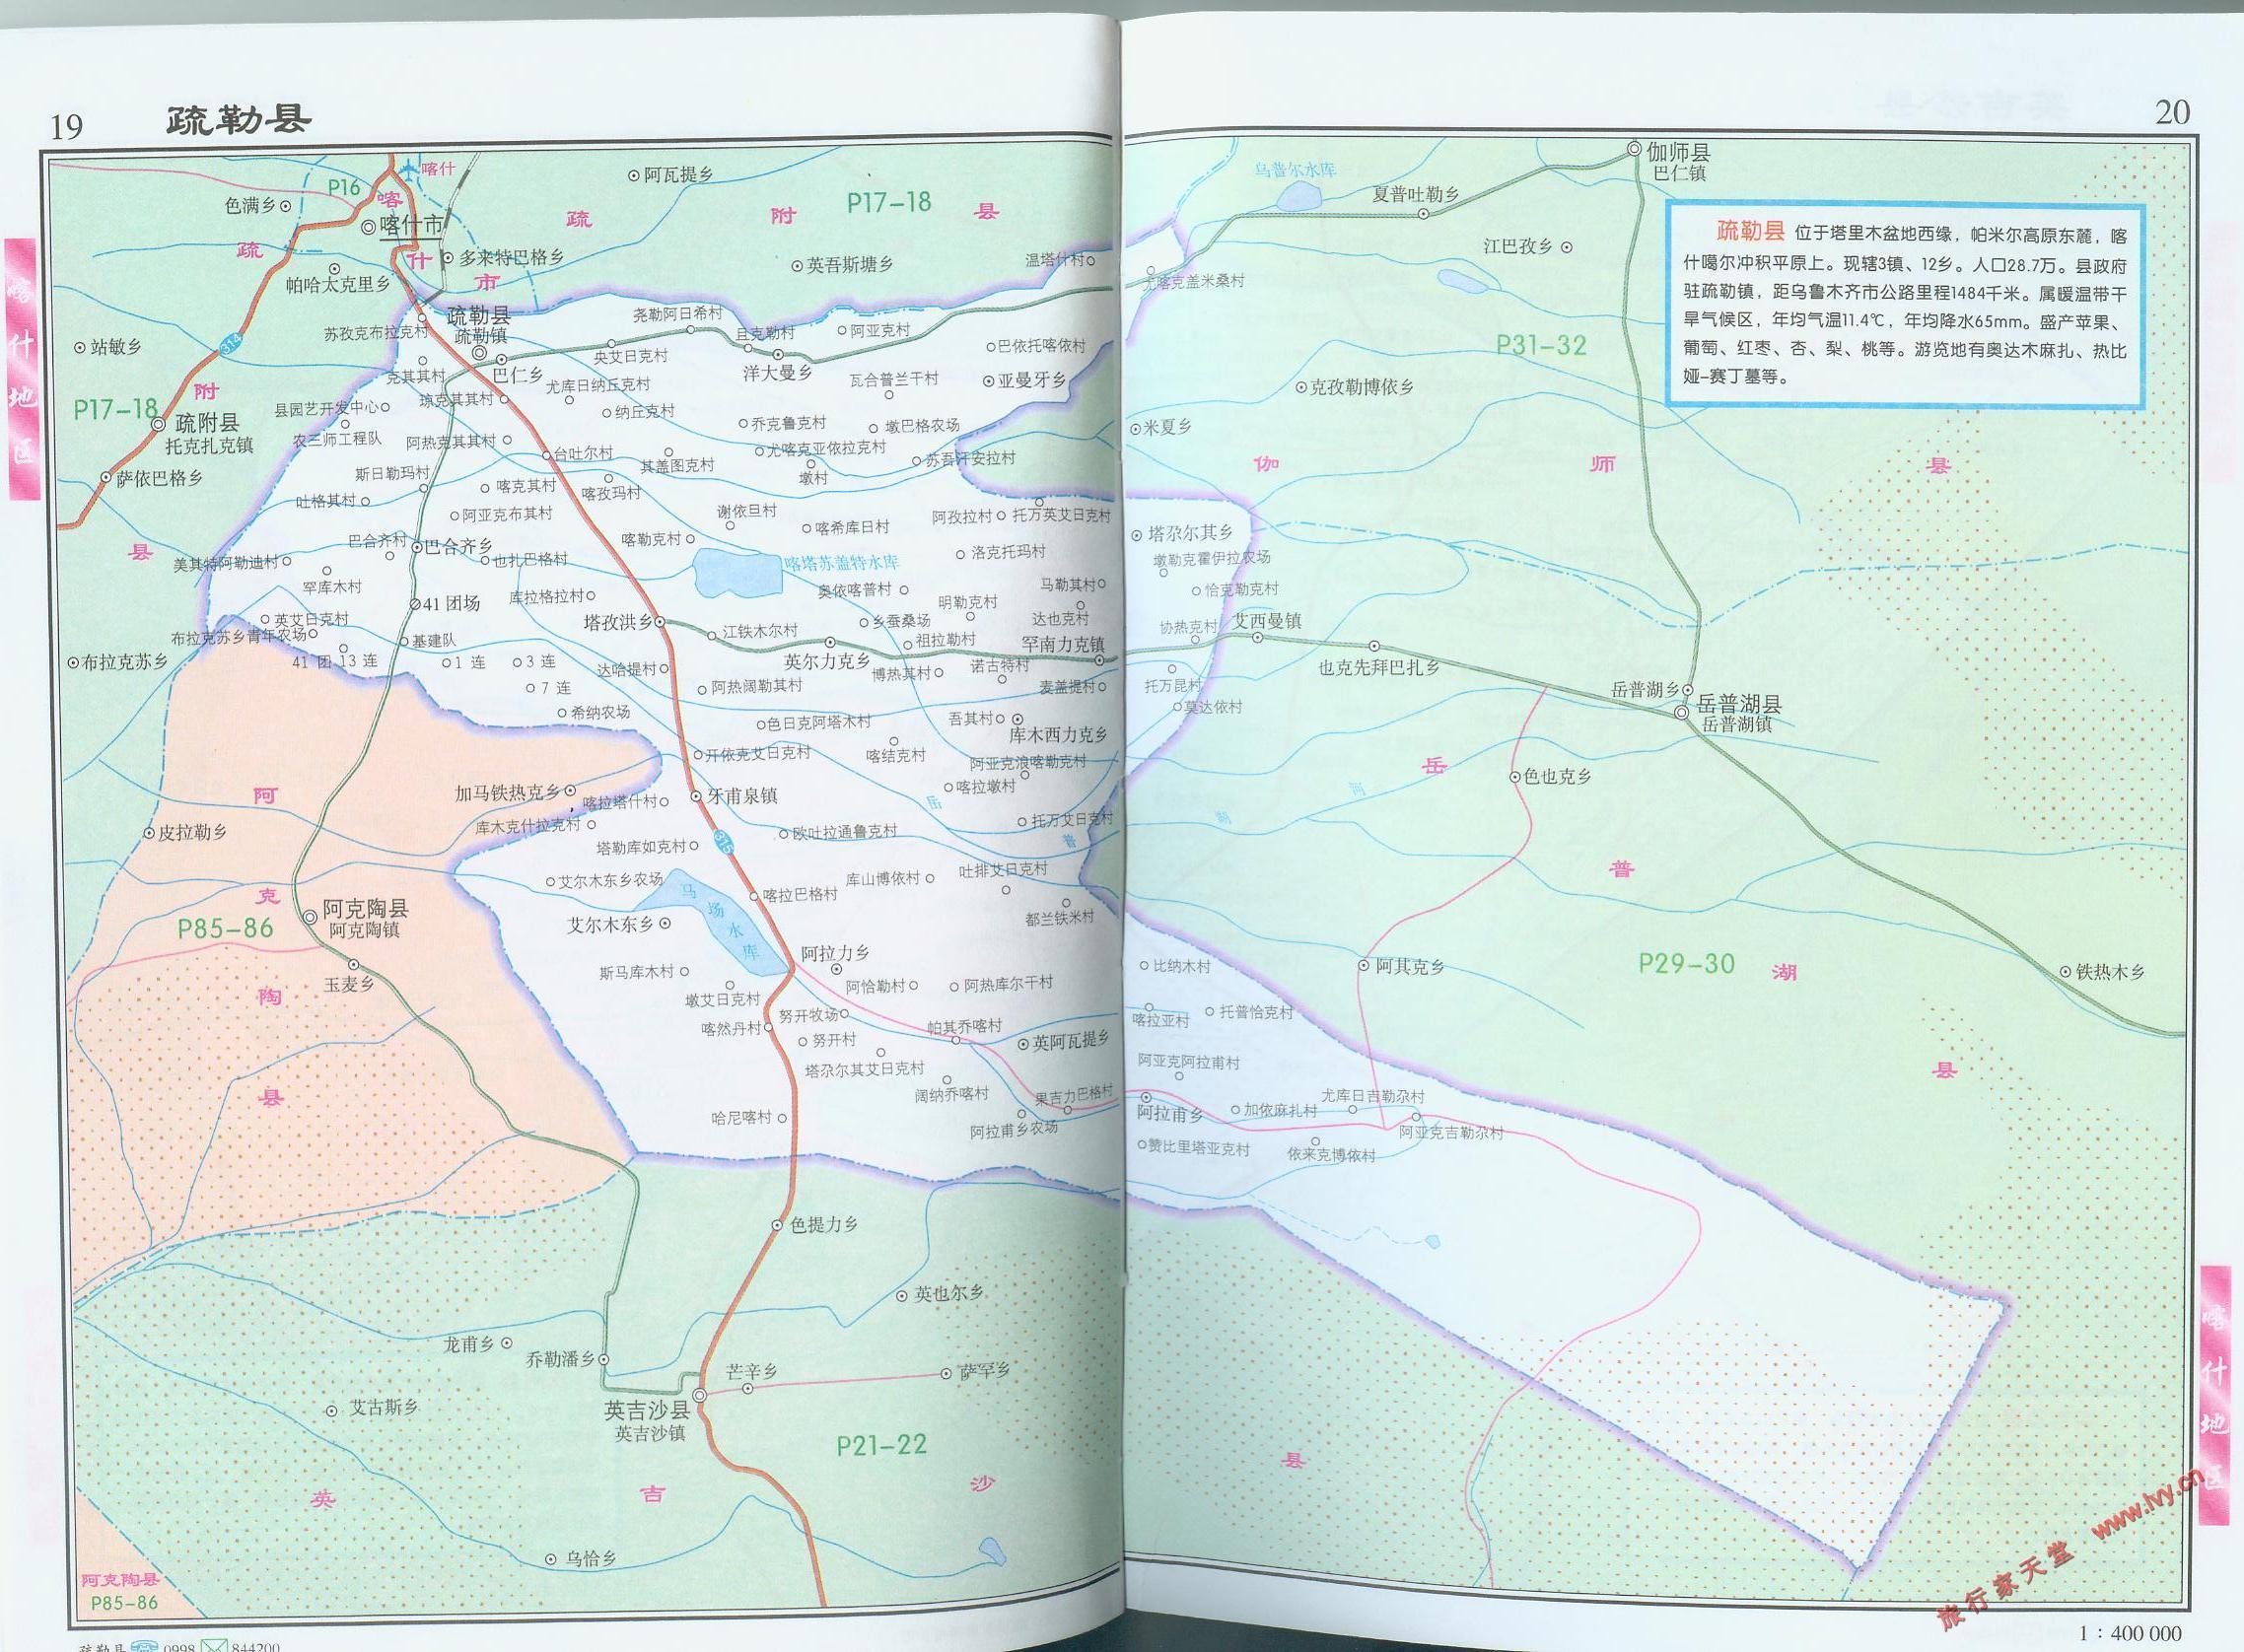 疏勒县地图高清版_喀什地图库